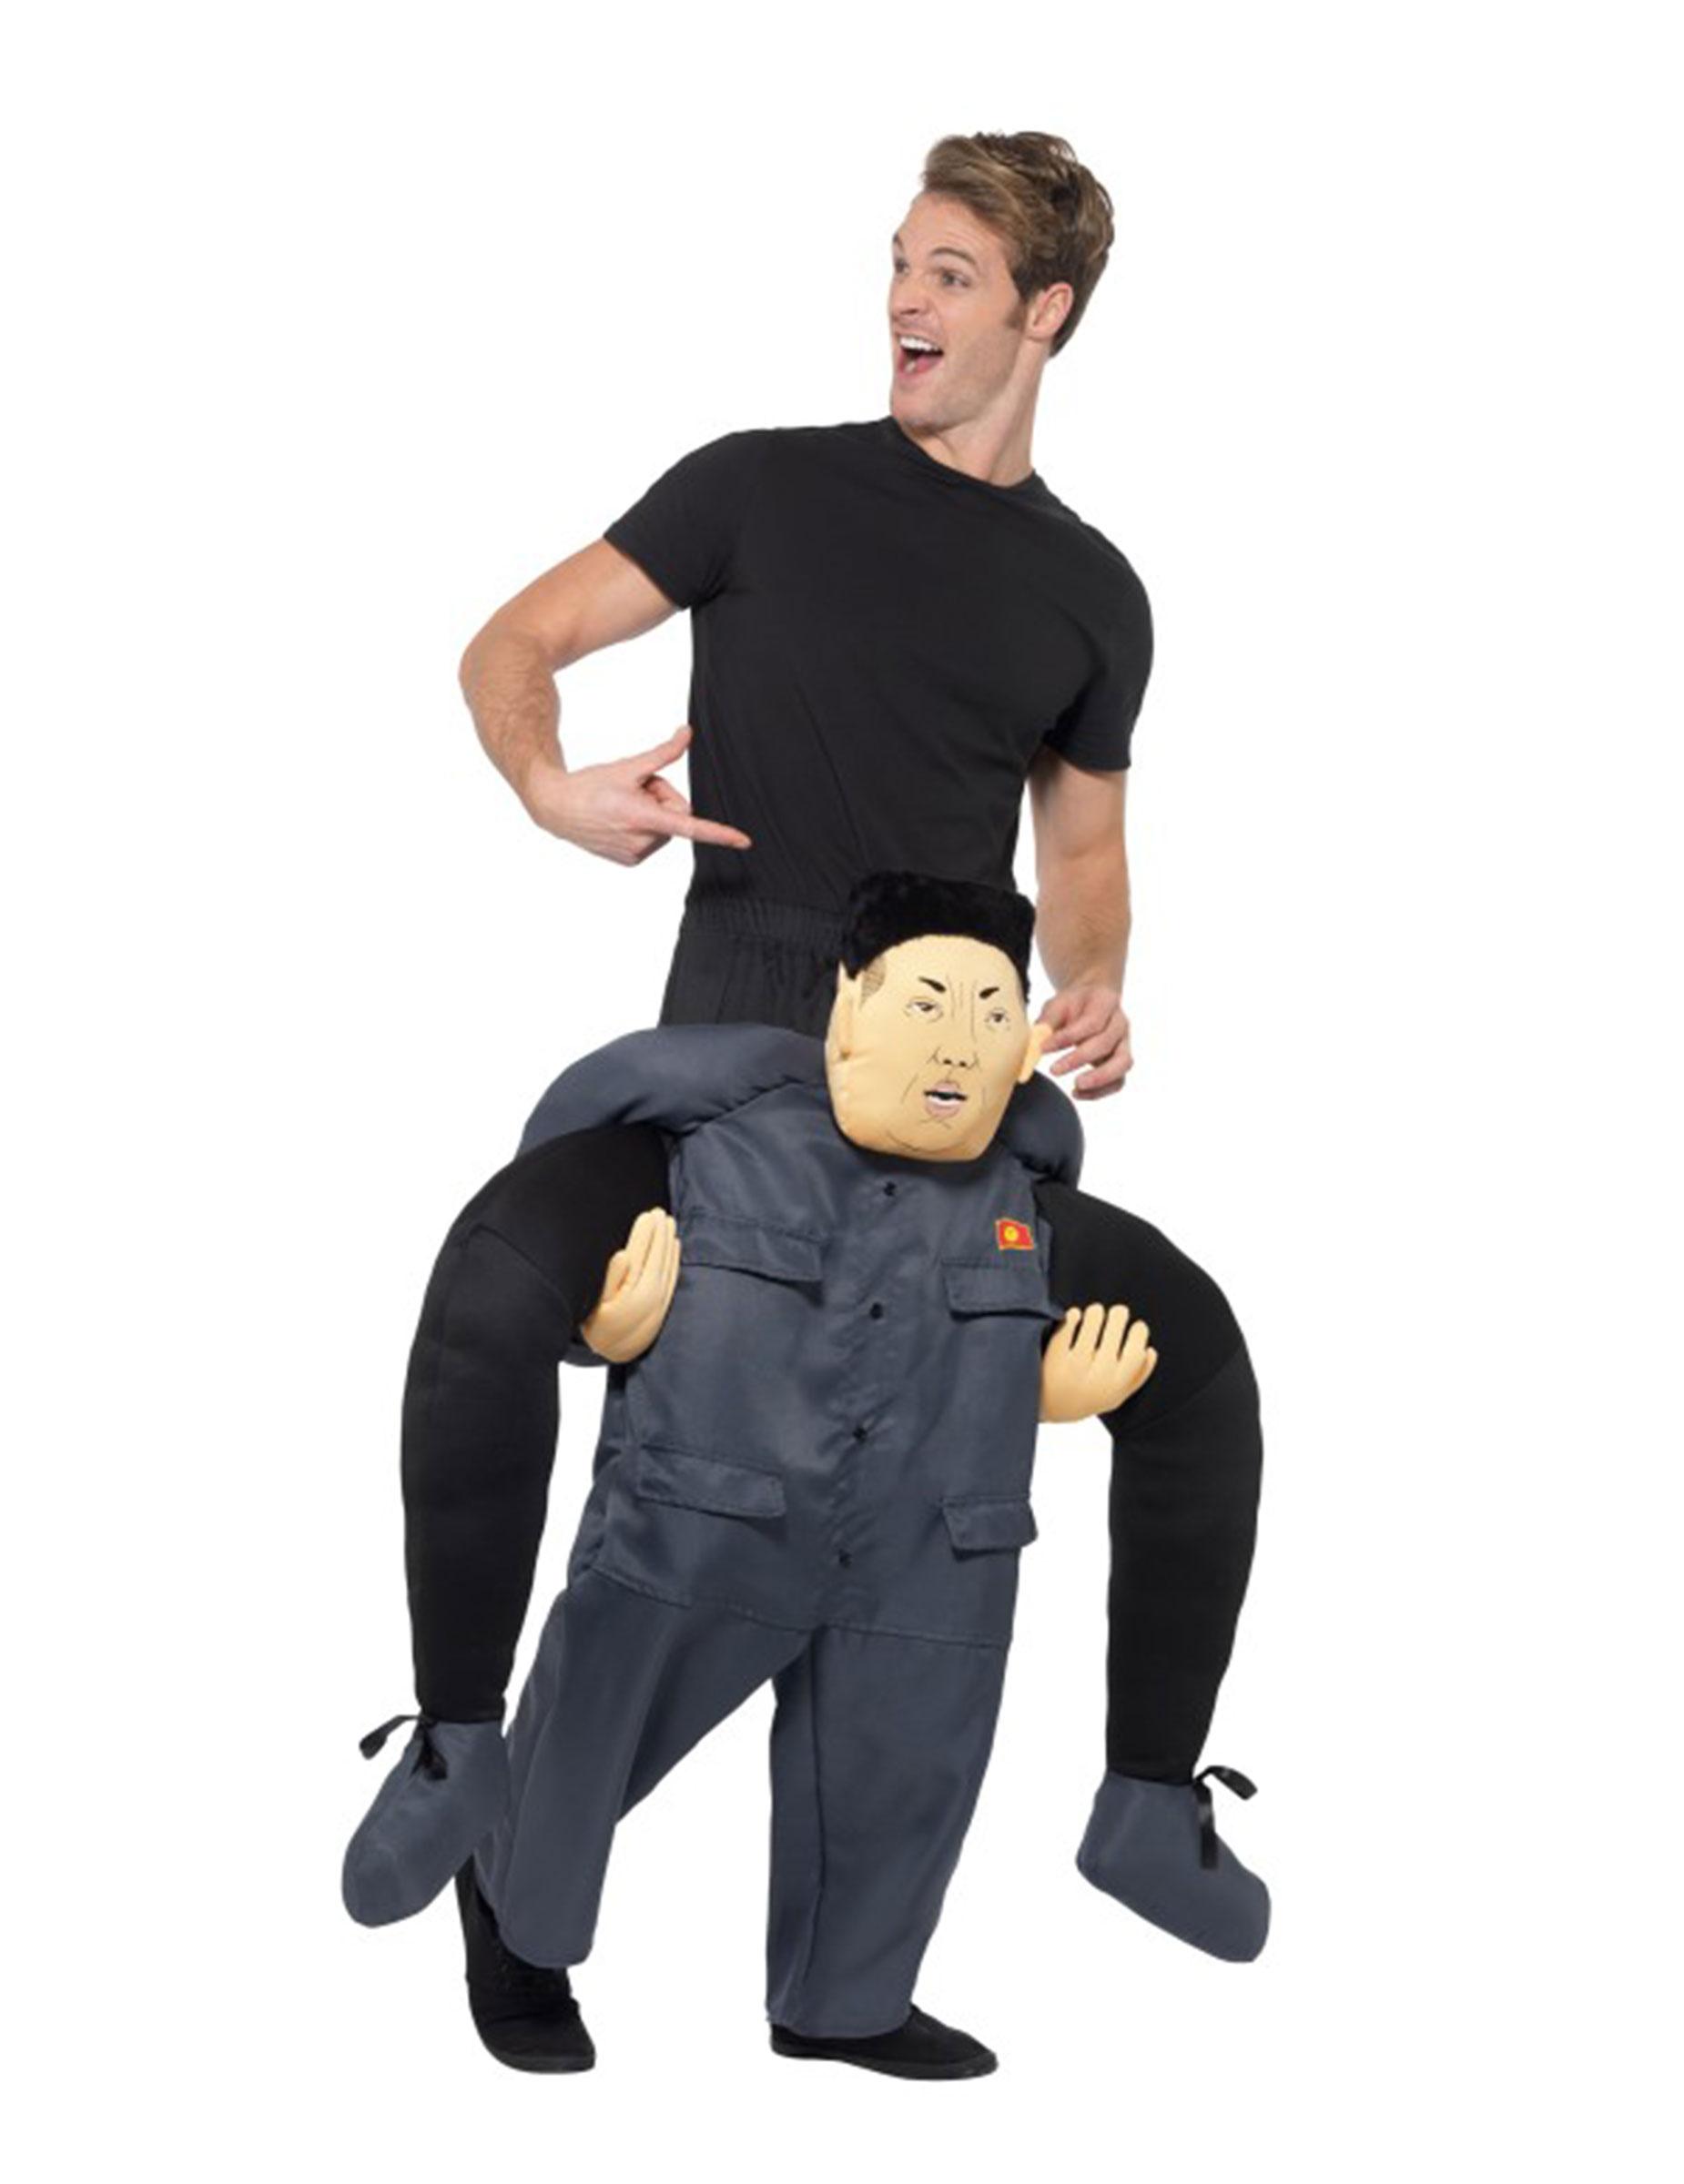 Carry Me Kostüm Nordkoreanischer Diktator für Erwachsene - M 279219